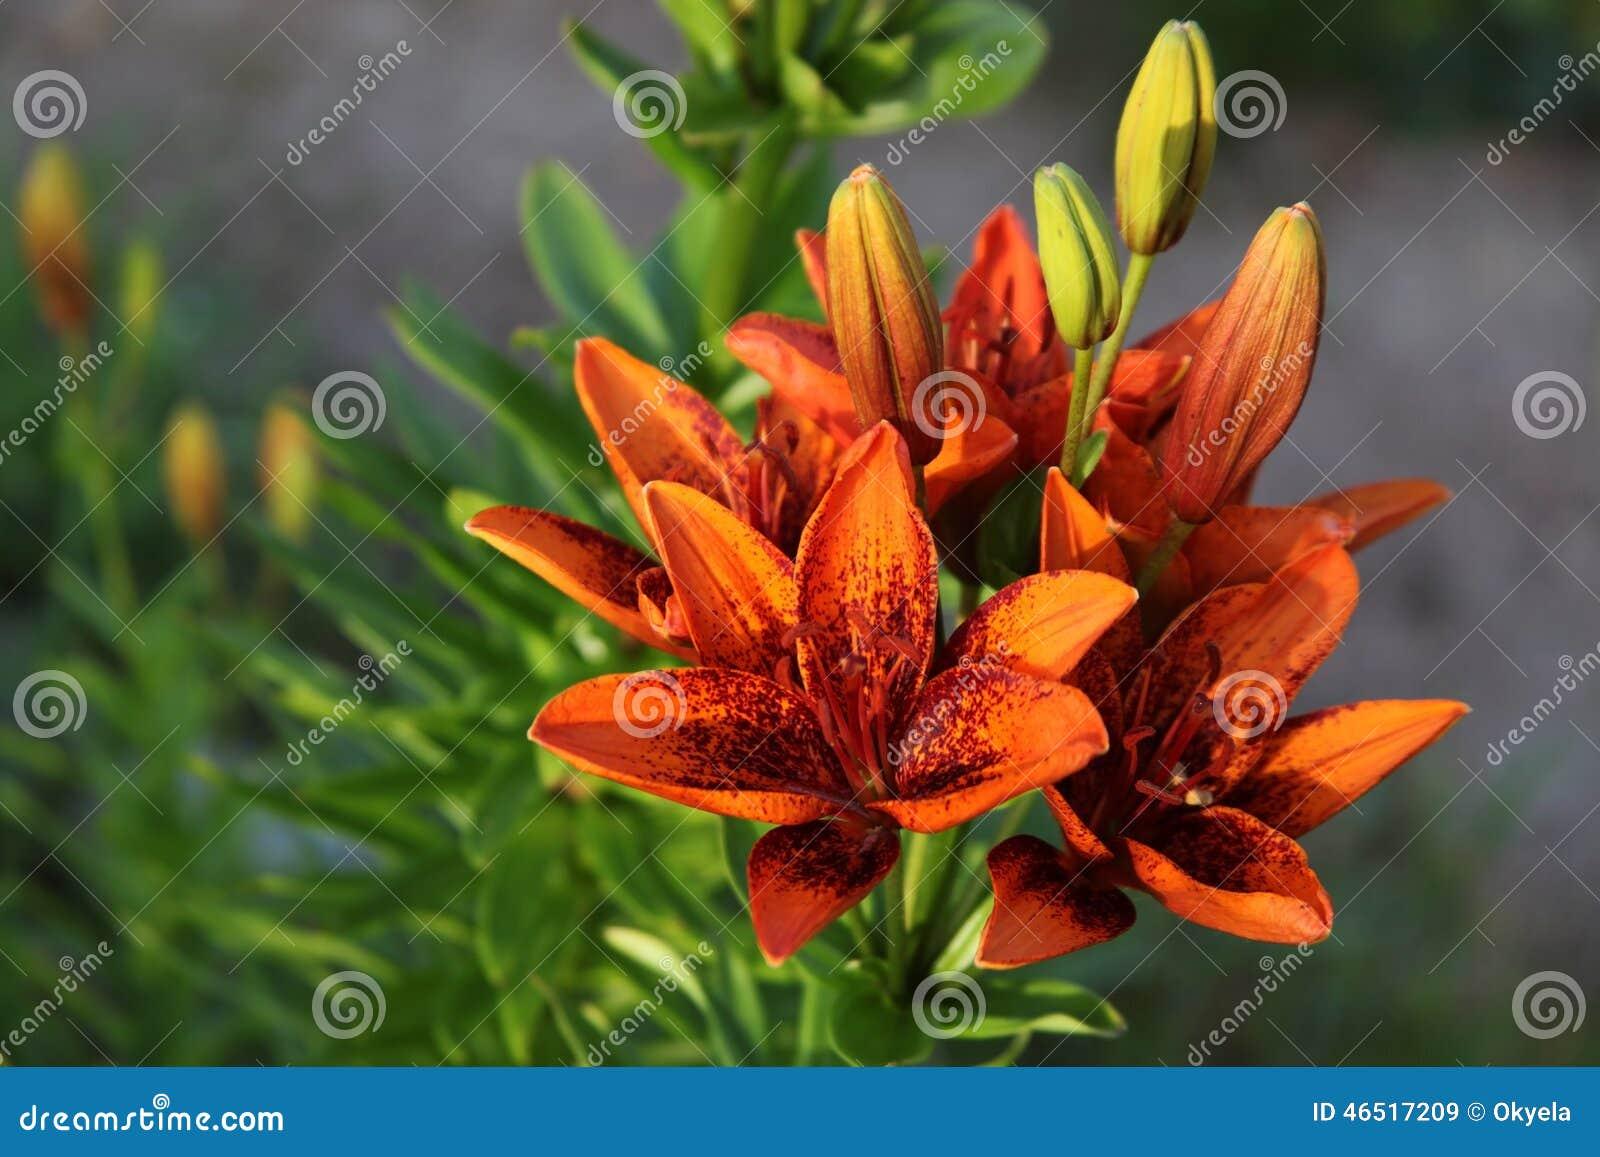 Blüht Rote Gartenlilien Stockbild Bild Von Vielzahl 46517209